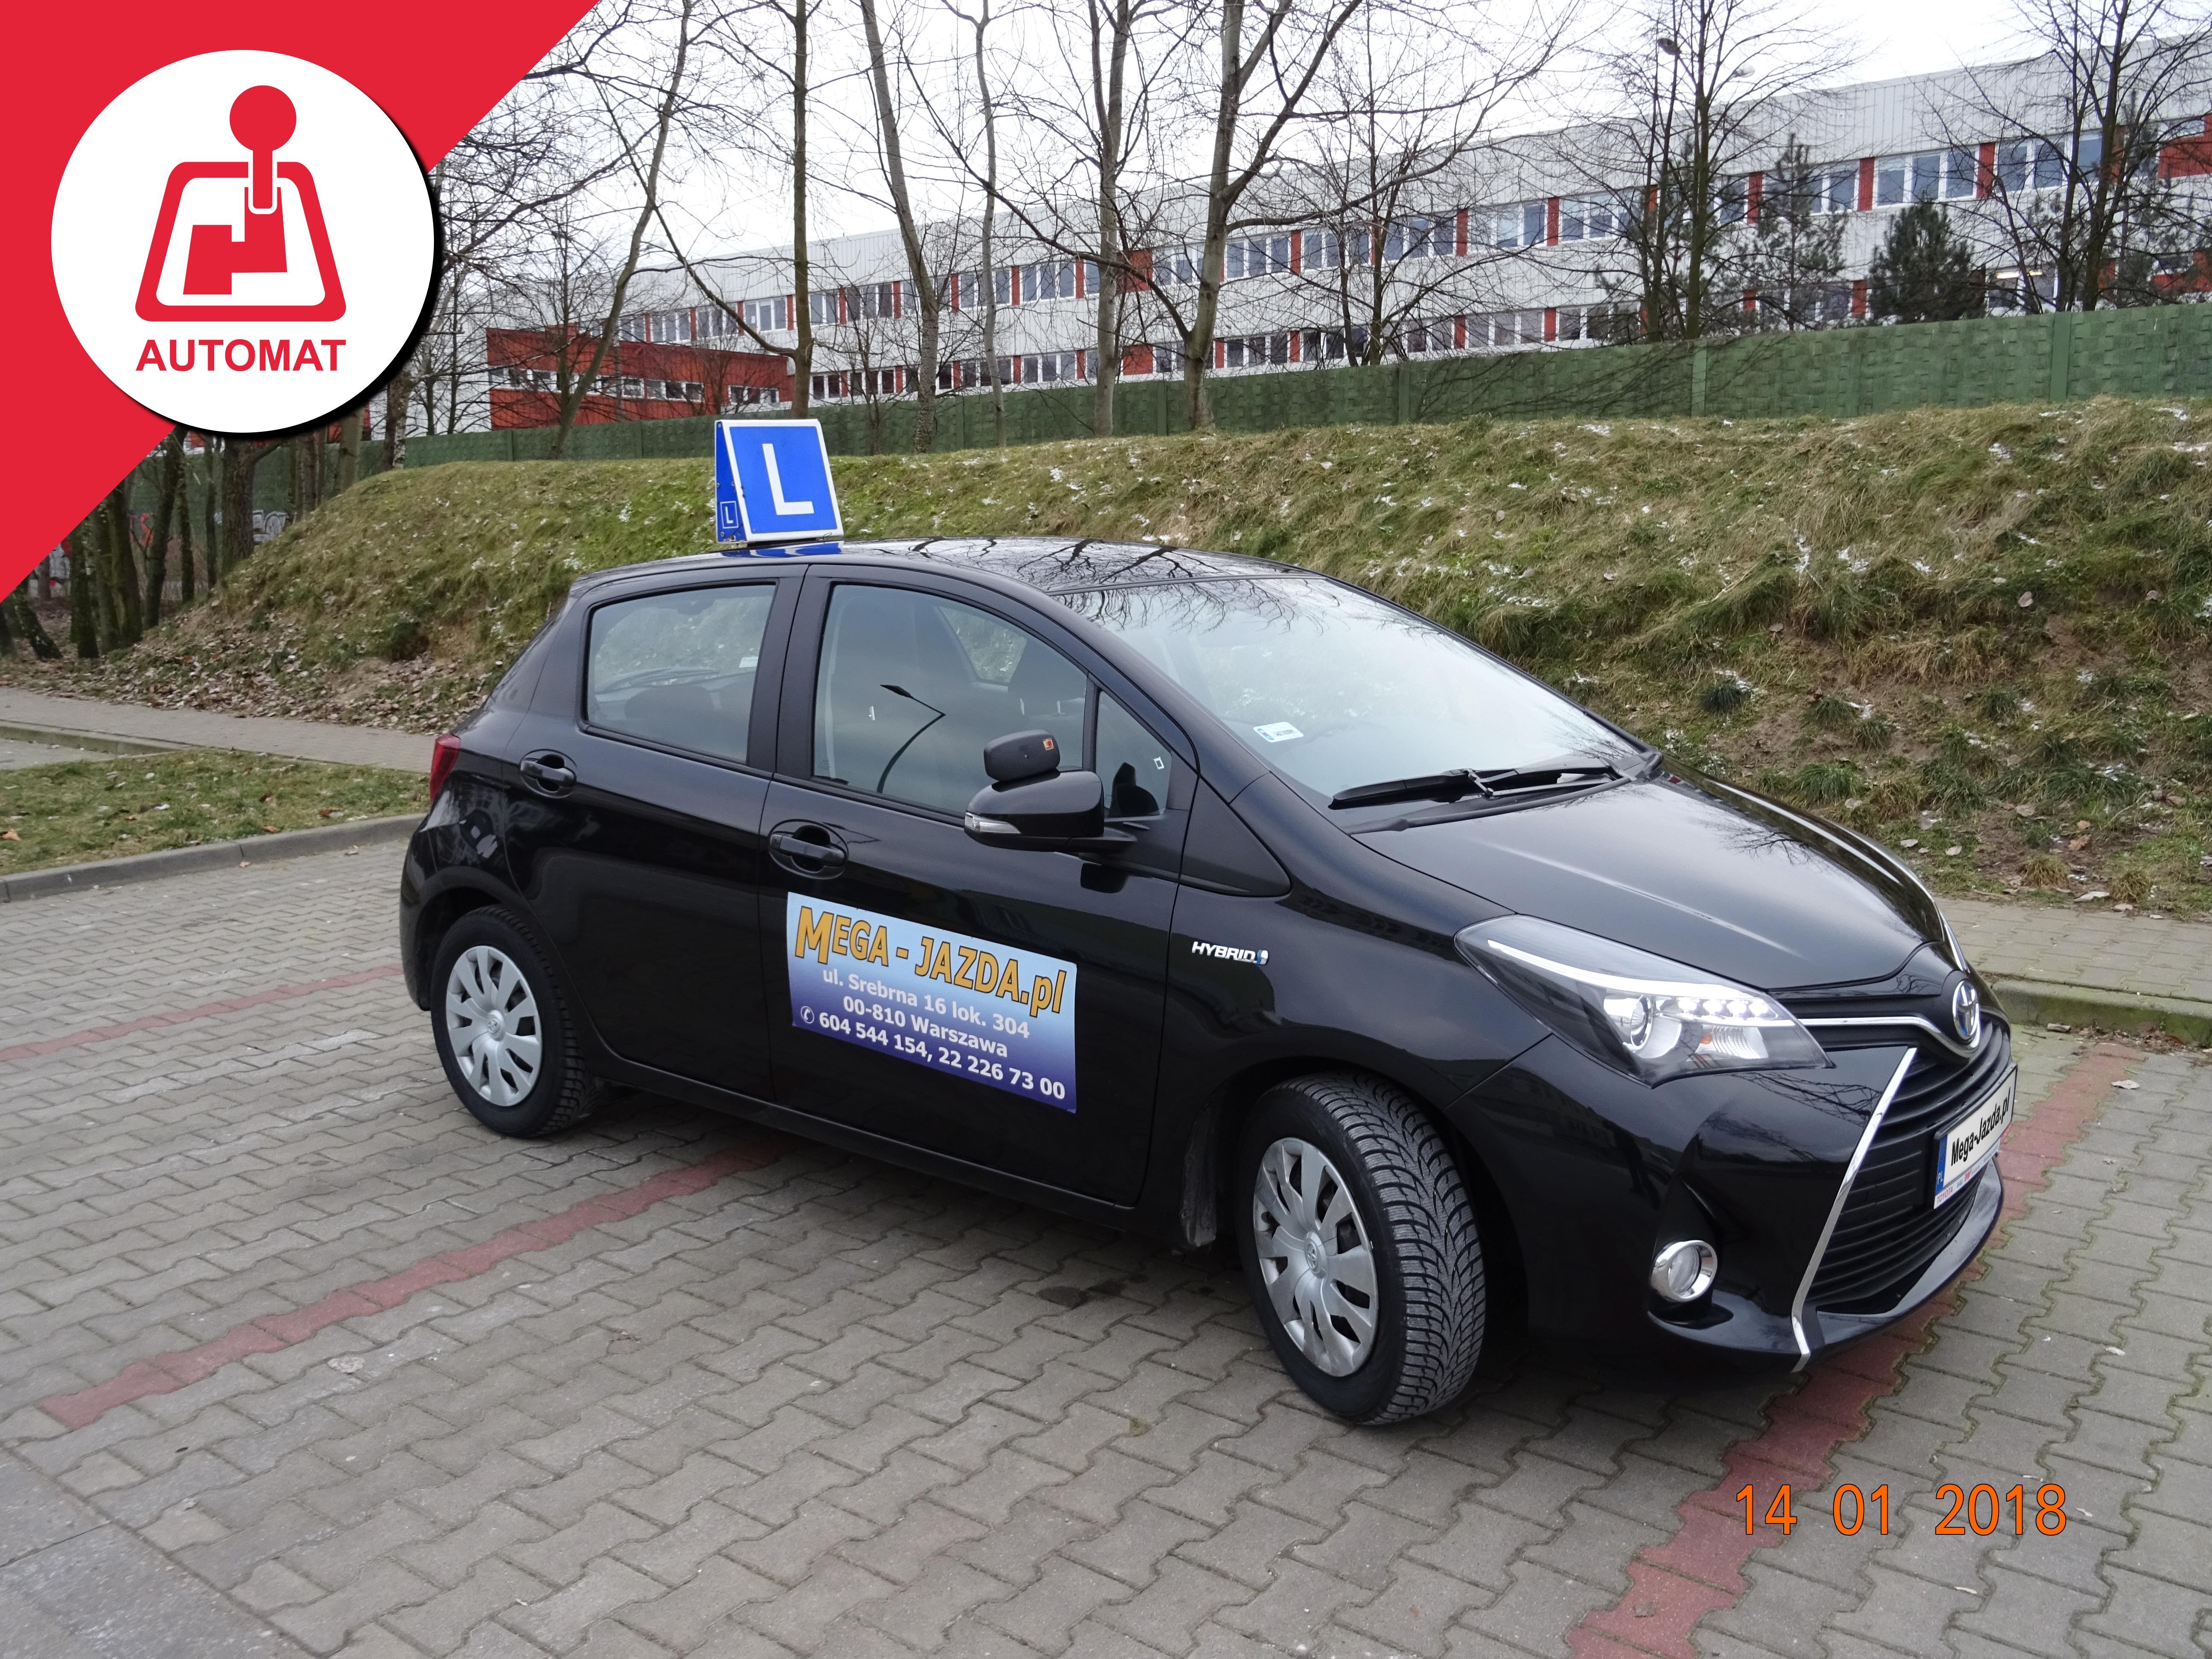 ToyotaYaris_Hybrid_Automat_nauka-jazdy-Warszawa_4